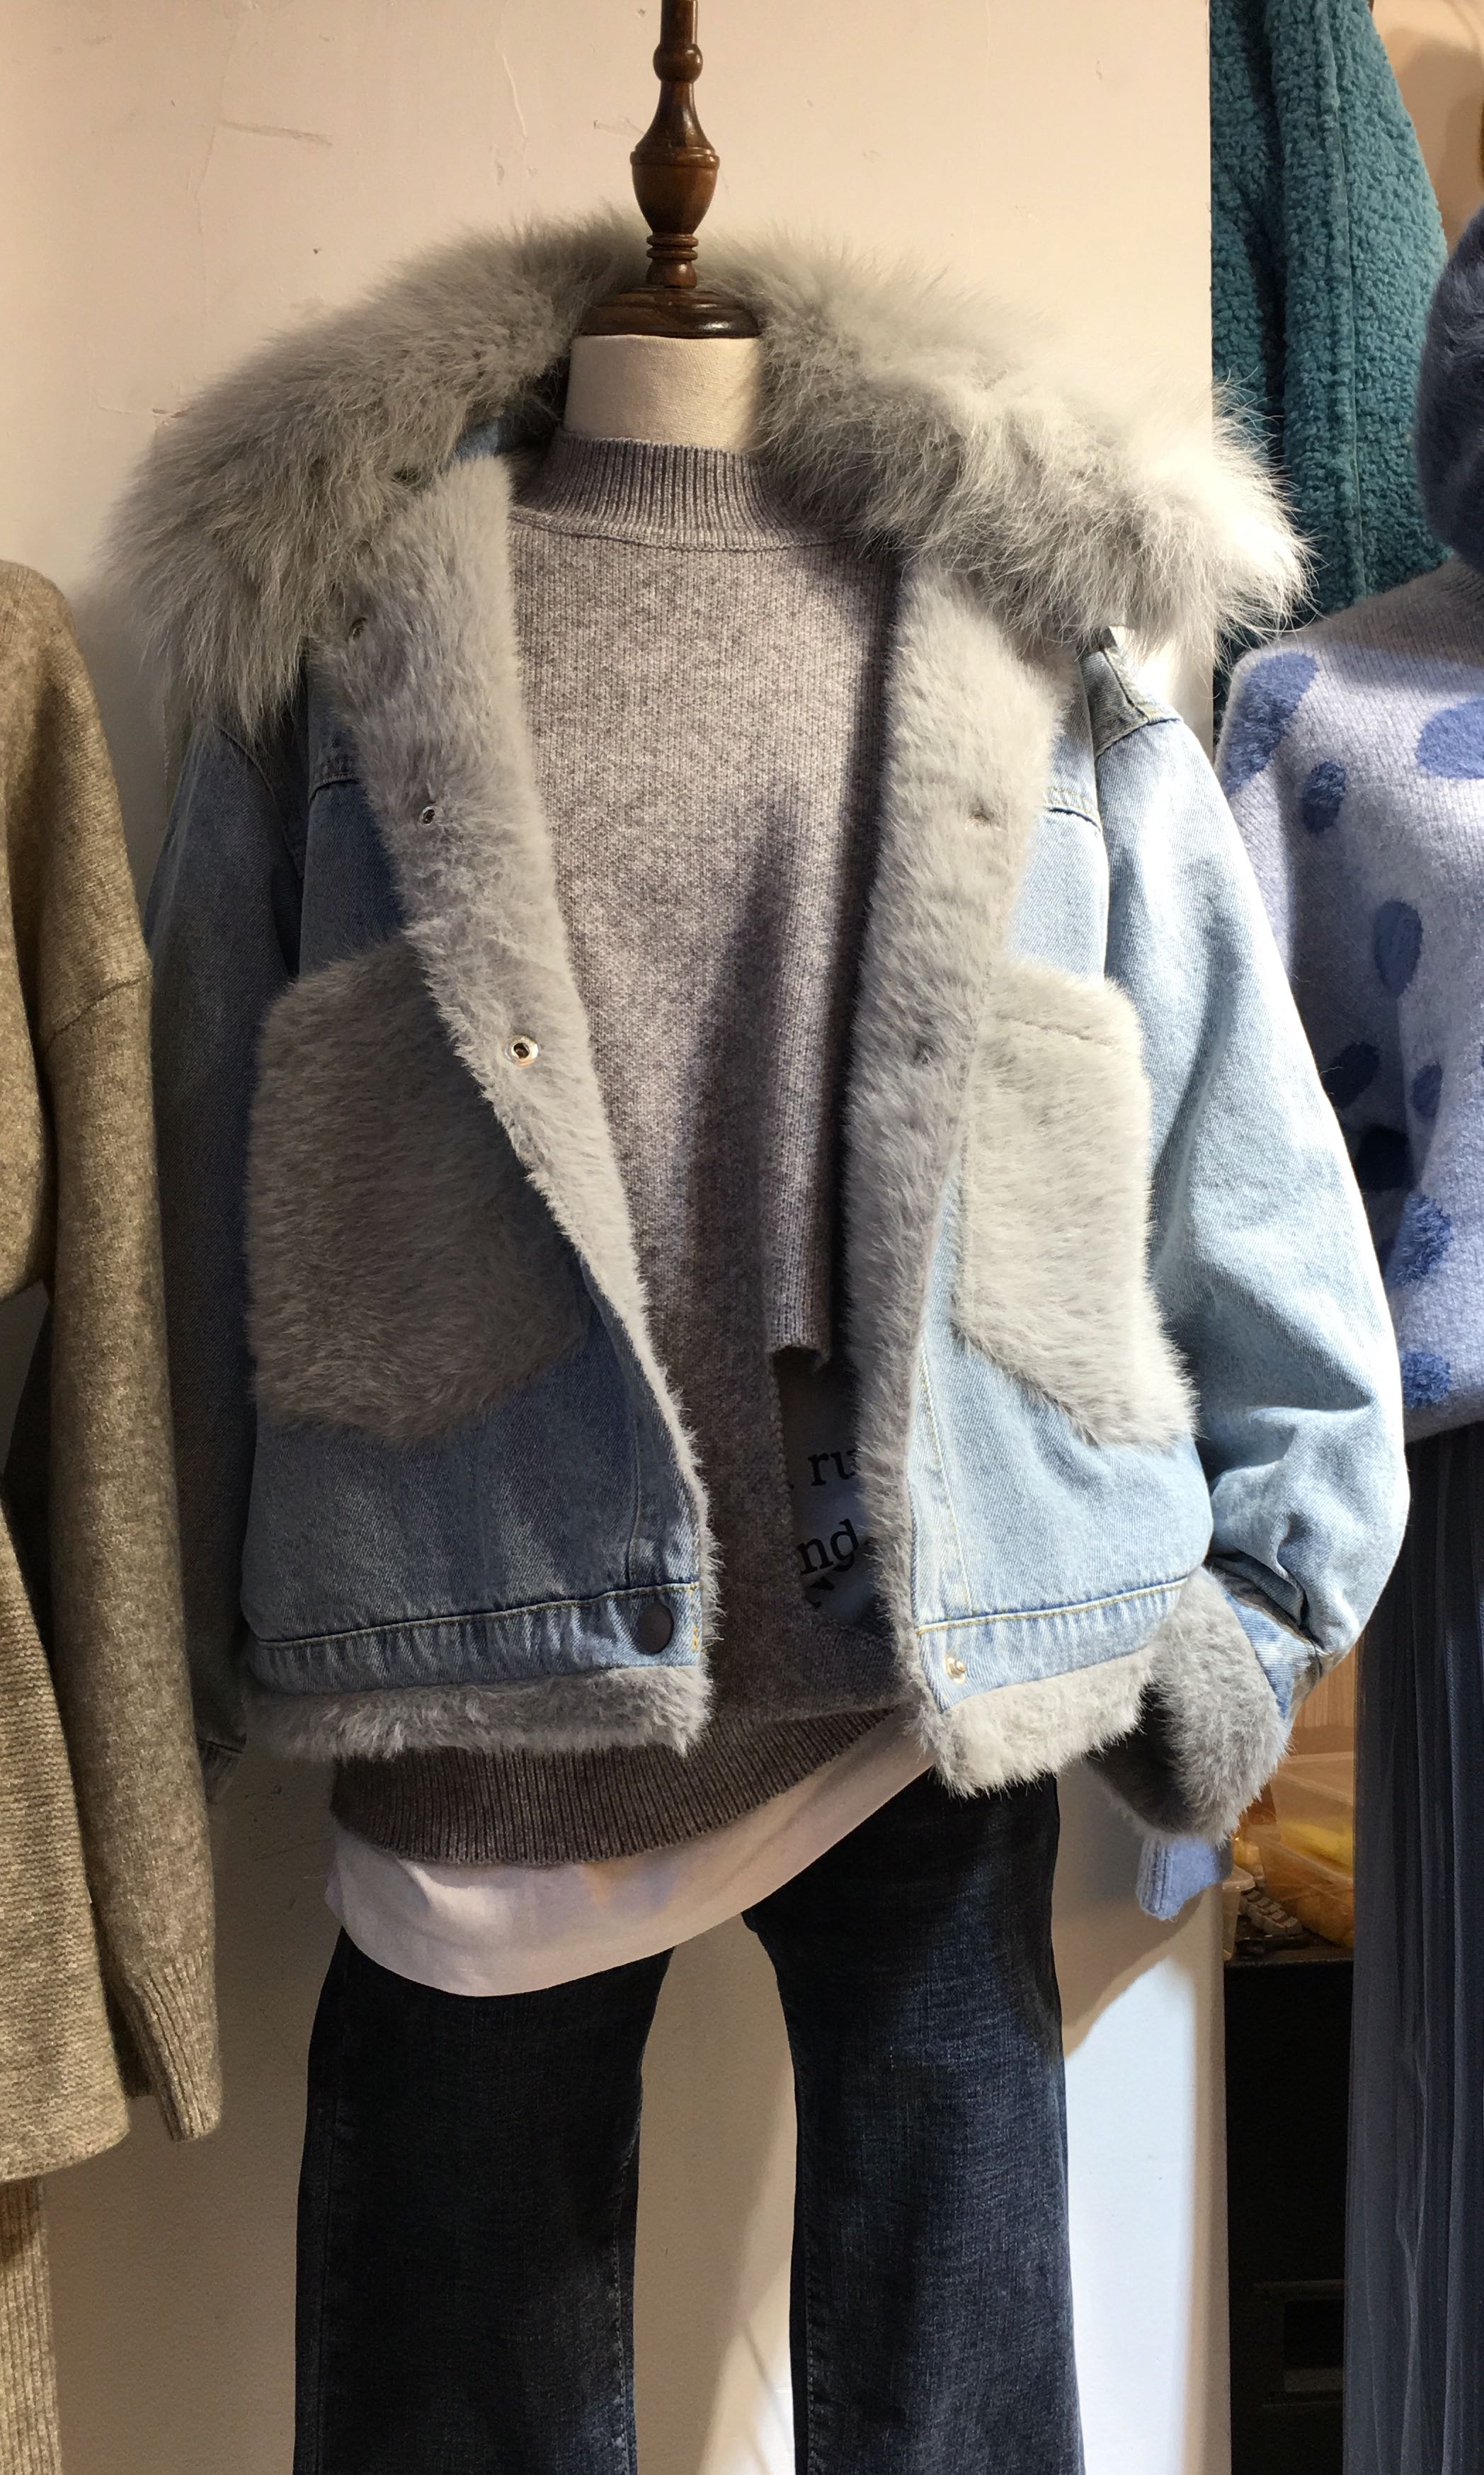 cce76a534443 Women s winter jacket   outer wear   denim jacket   fur jacket ...